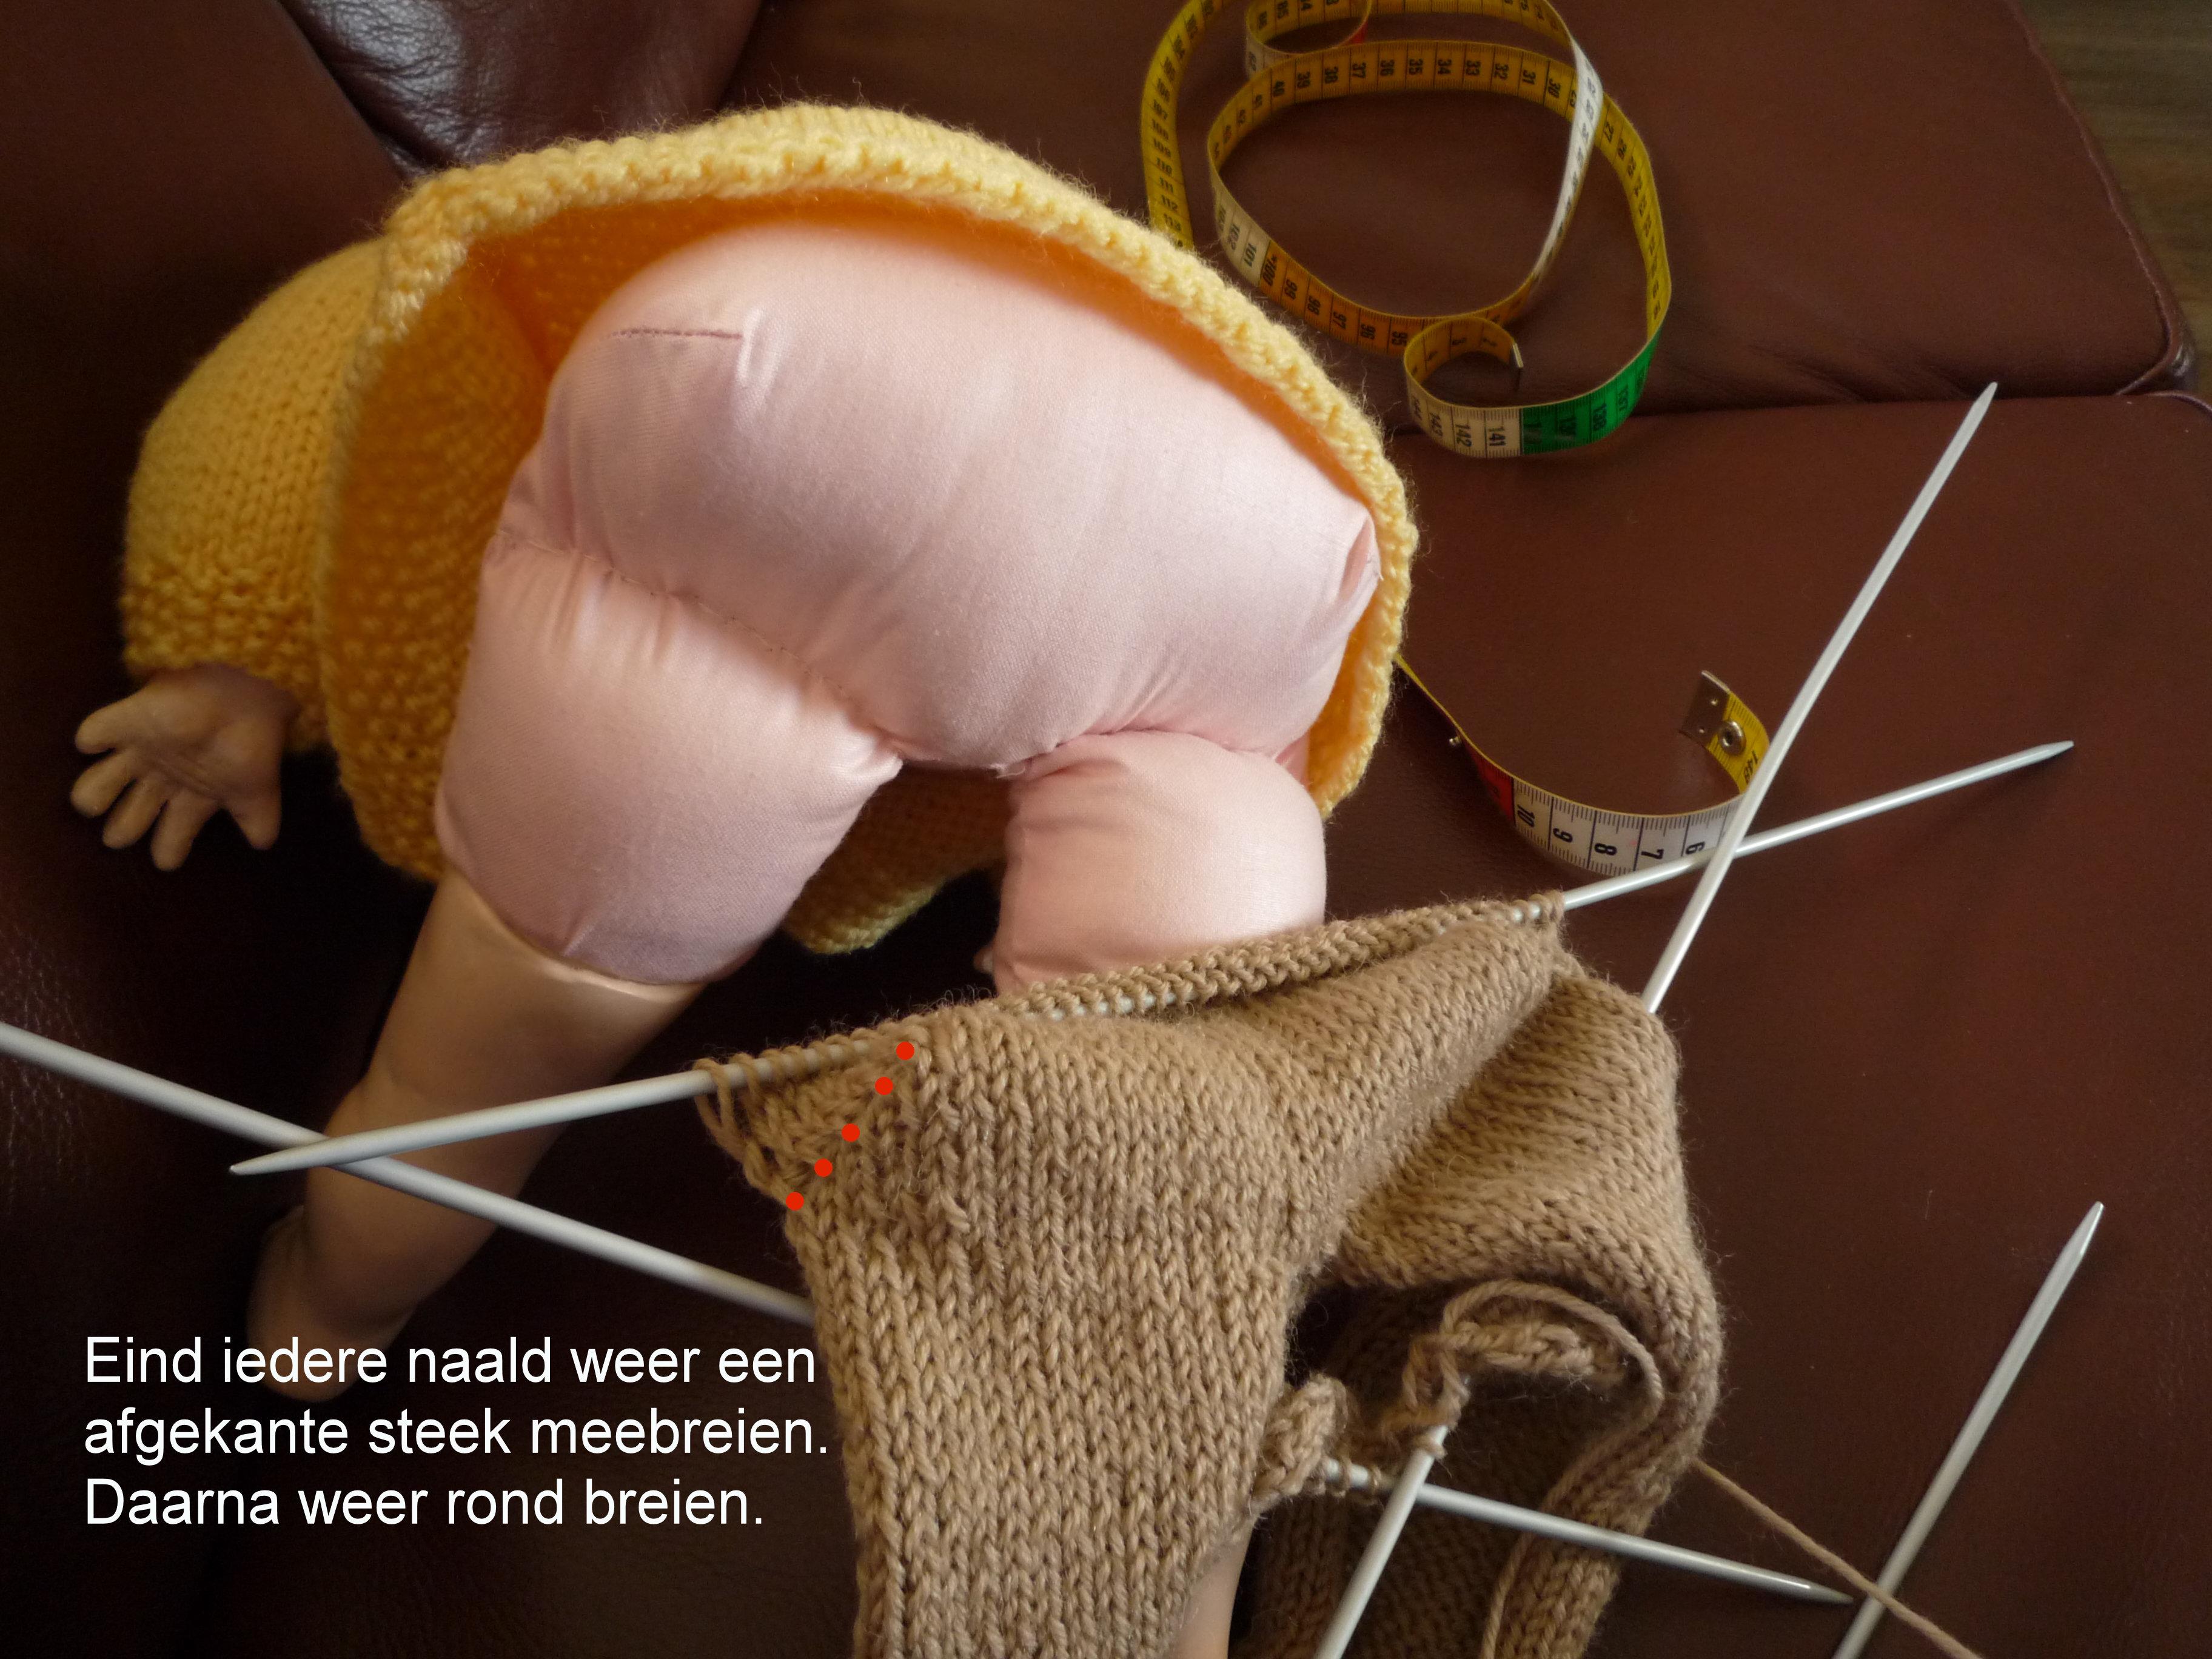 https://welkepopisdat.nl/afbeeldingen-Forum/DurvinaFotos/Bart%20en%20Daan%20(5).JPG